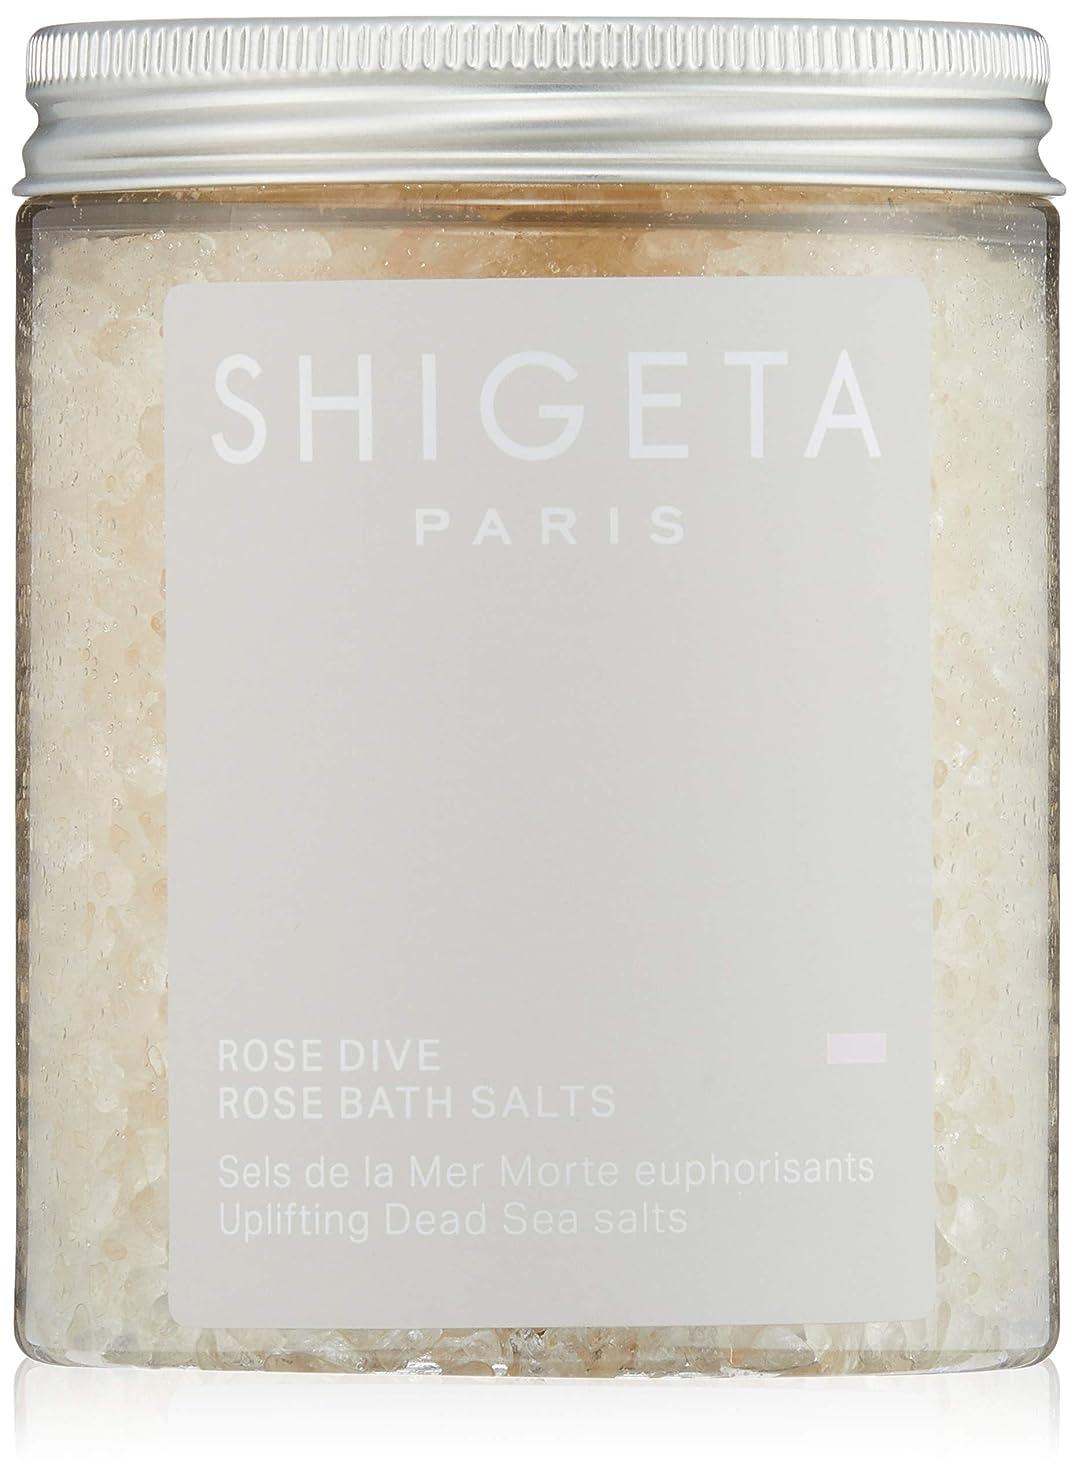 順応性のある核成長するSHIGETA(シゲタ) ローズダイブ バスソルト 285g